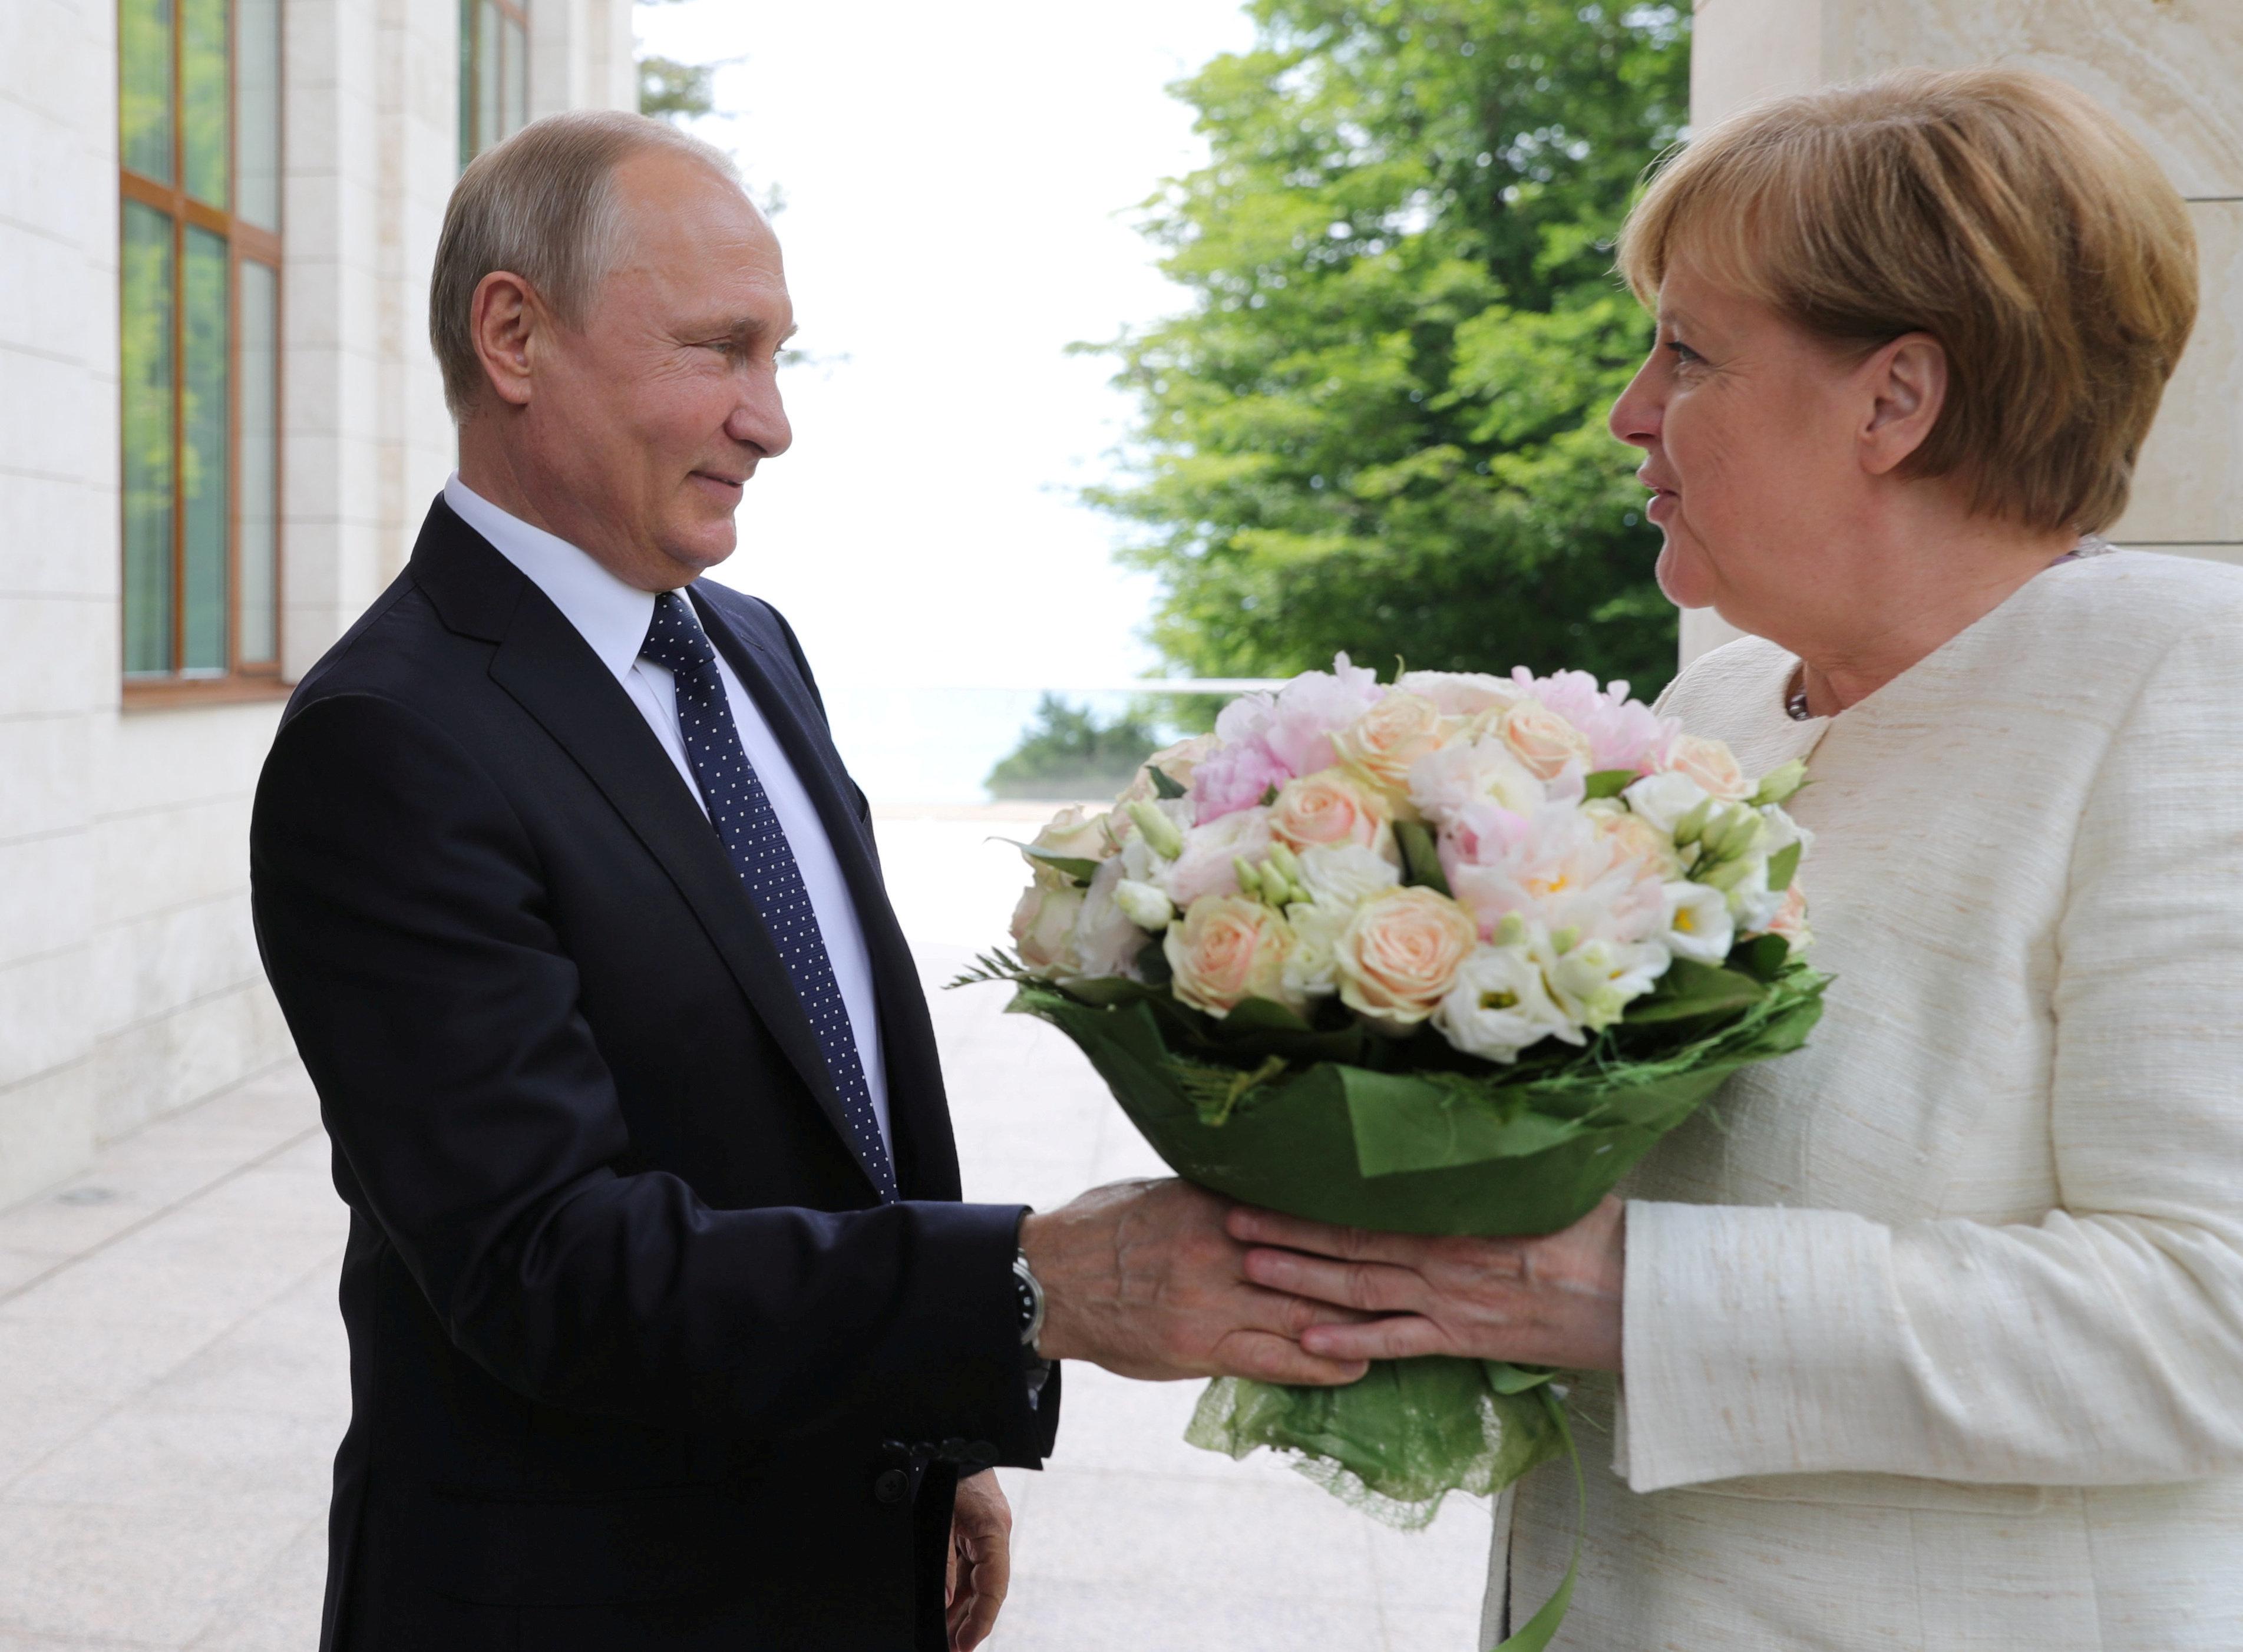 Merkel empfängt Putin: Was die Kanzlerin wirklich vom russischen Autokraten